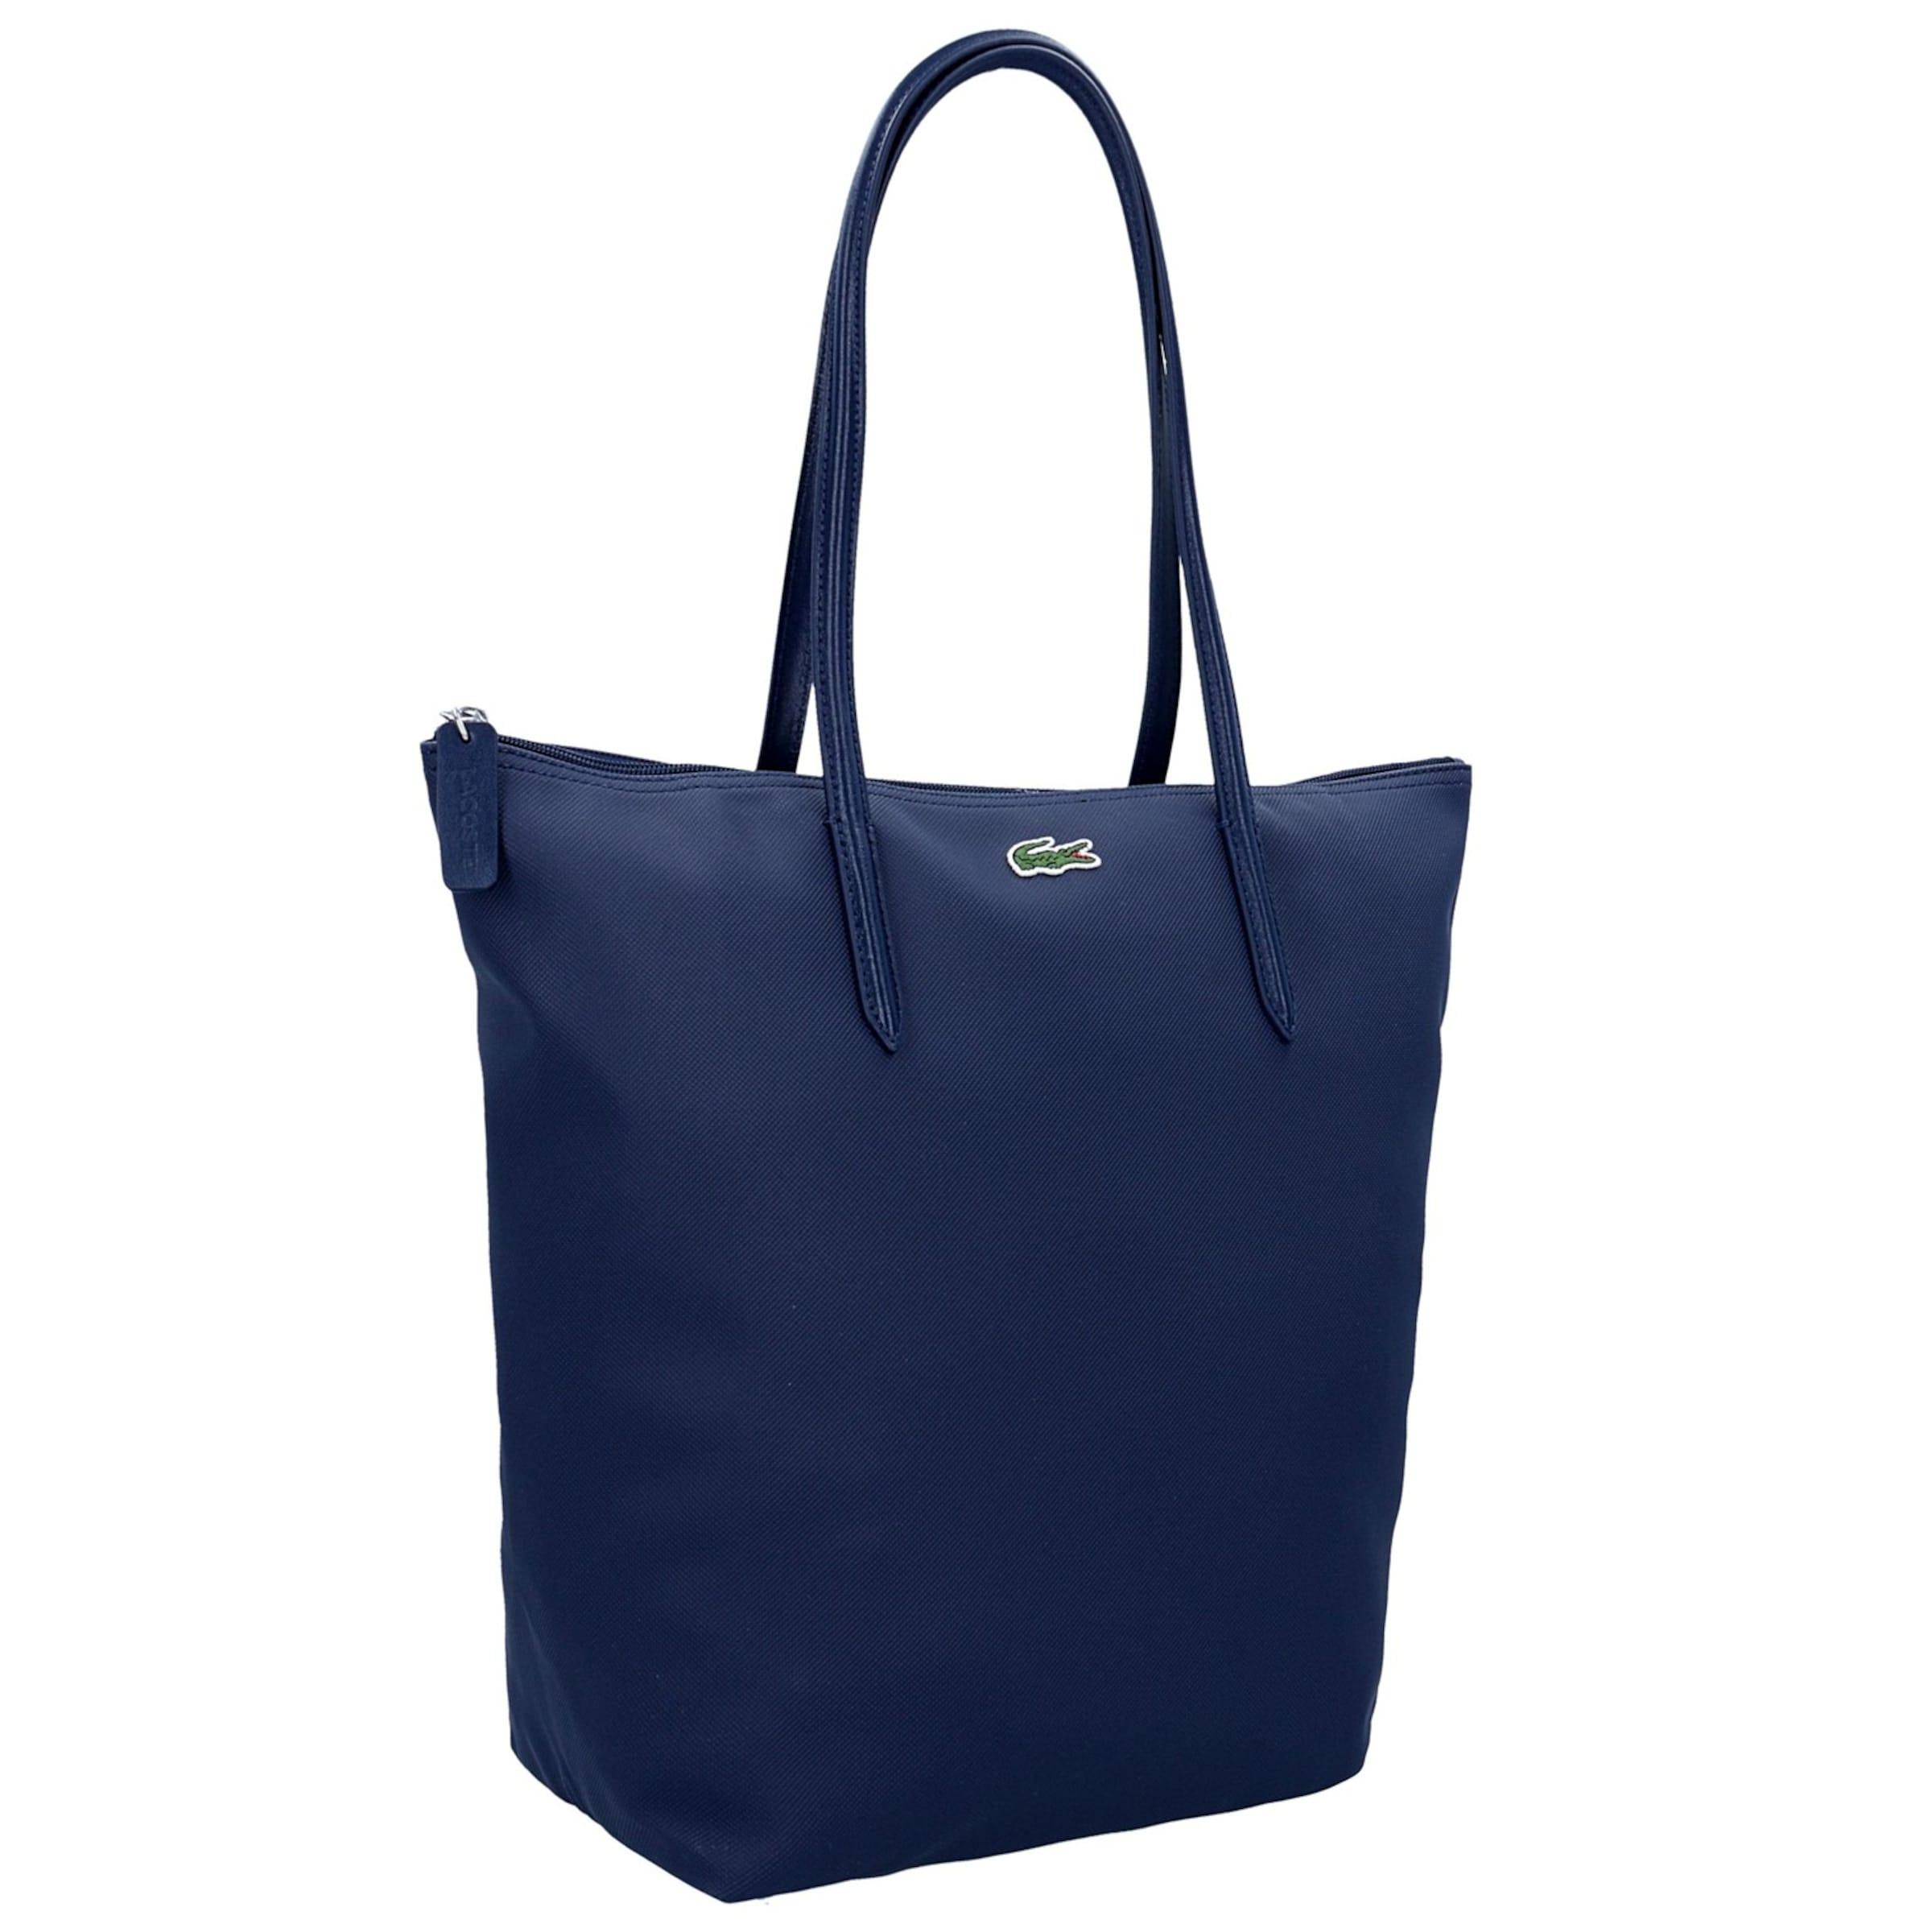 Cabas L1212 Vert Lacoste 'sac Femme Concept' En BWCdeQEorx